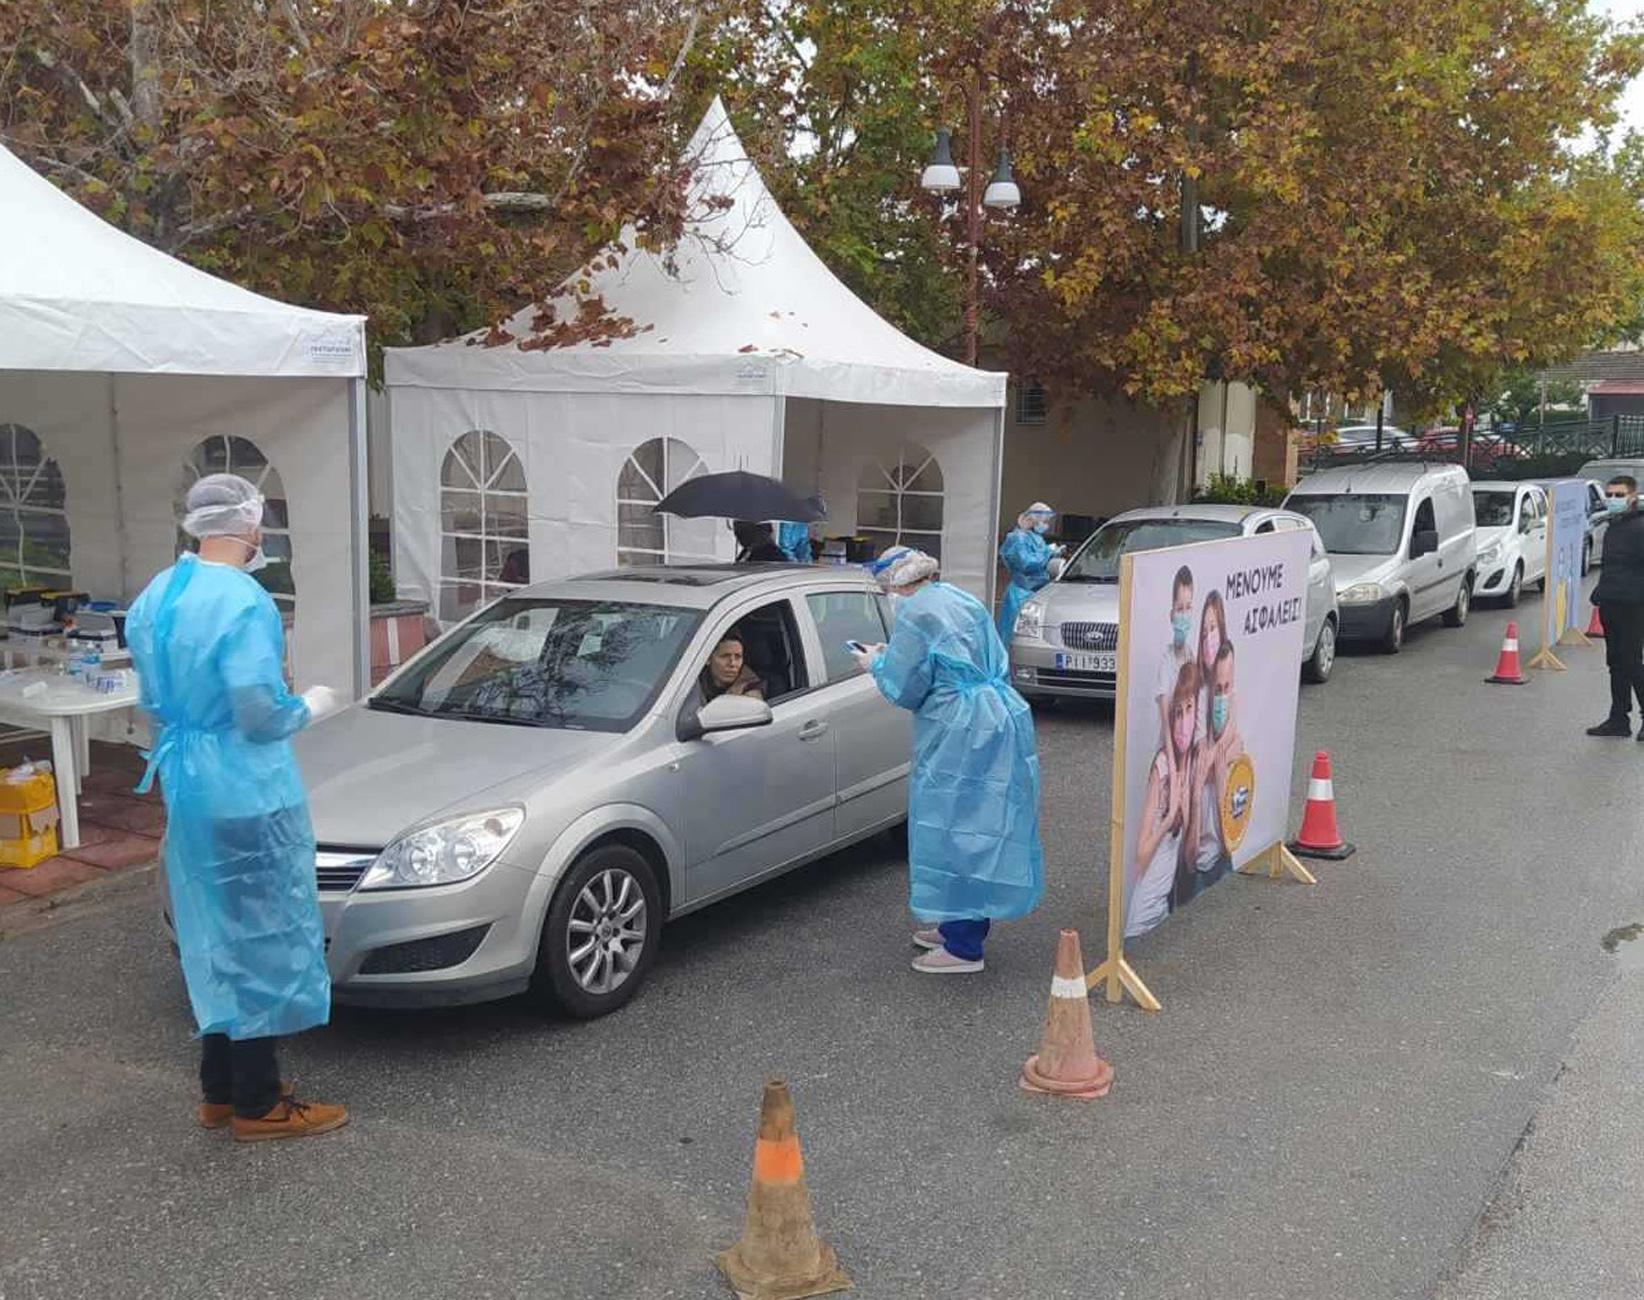 Κορονοϊός: 46 κρούσματα από 1041 rapid test σε 6 περιοχές